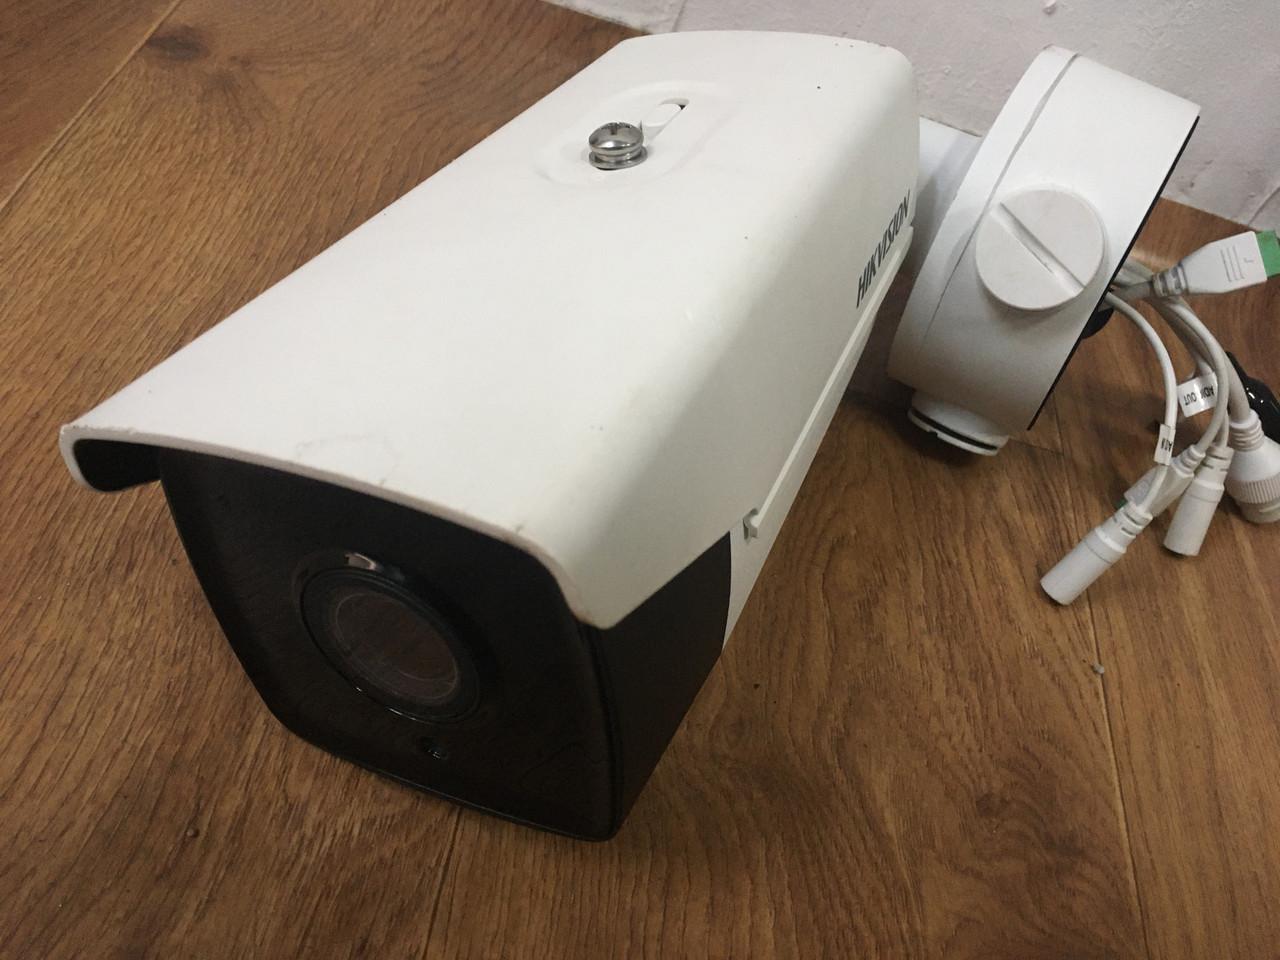 Сетевая камера видеонаблюдения Hikvision DS-2CD4B26FWD-IZS с видеоаналитикой